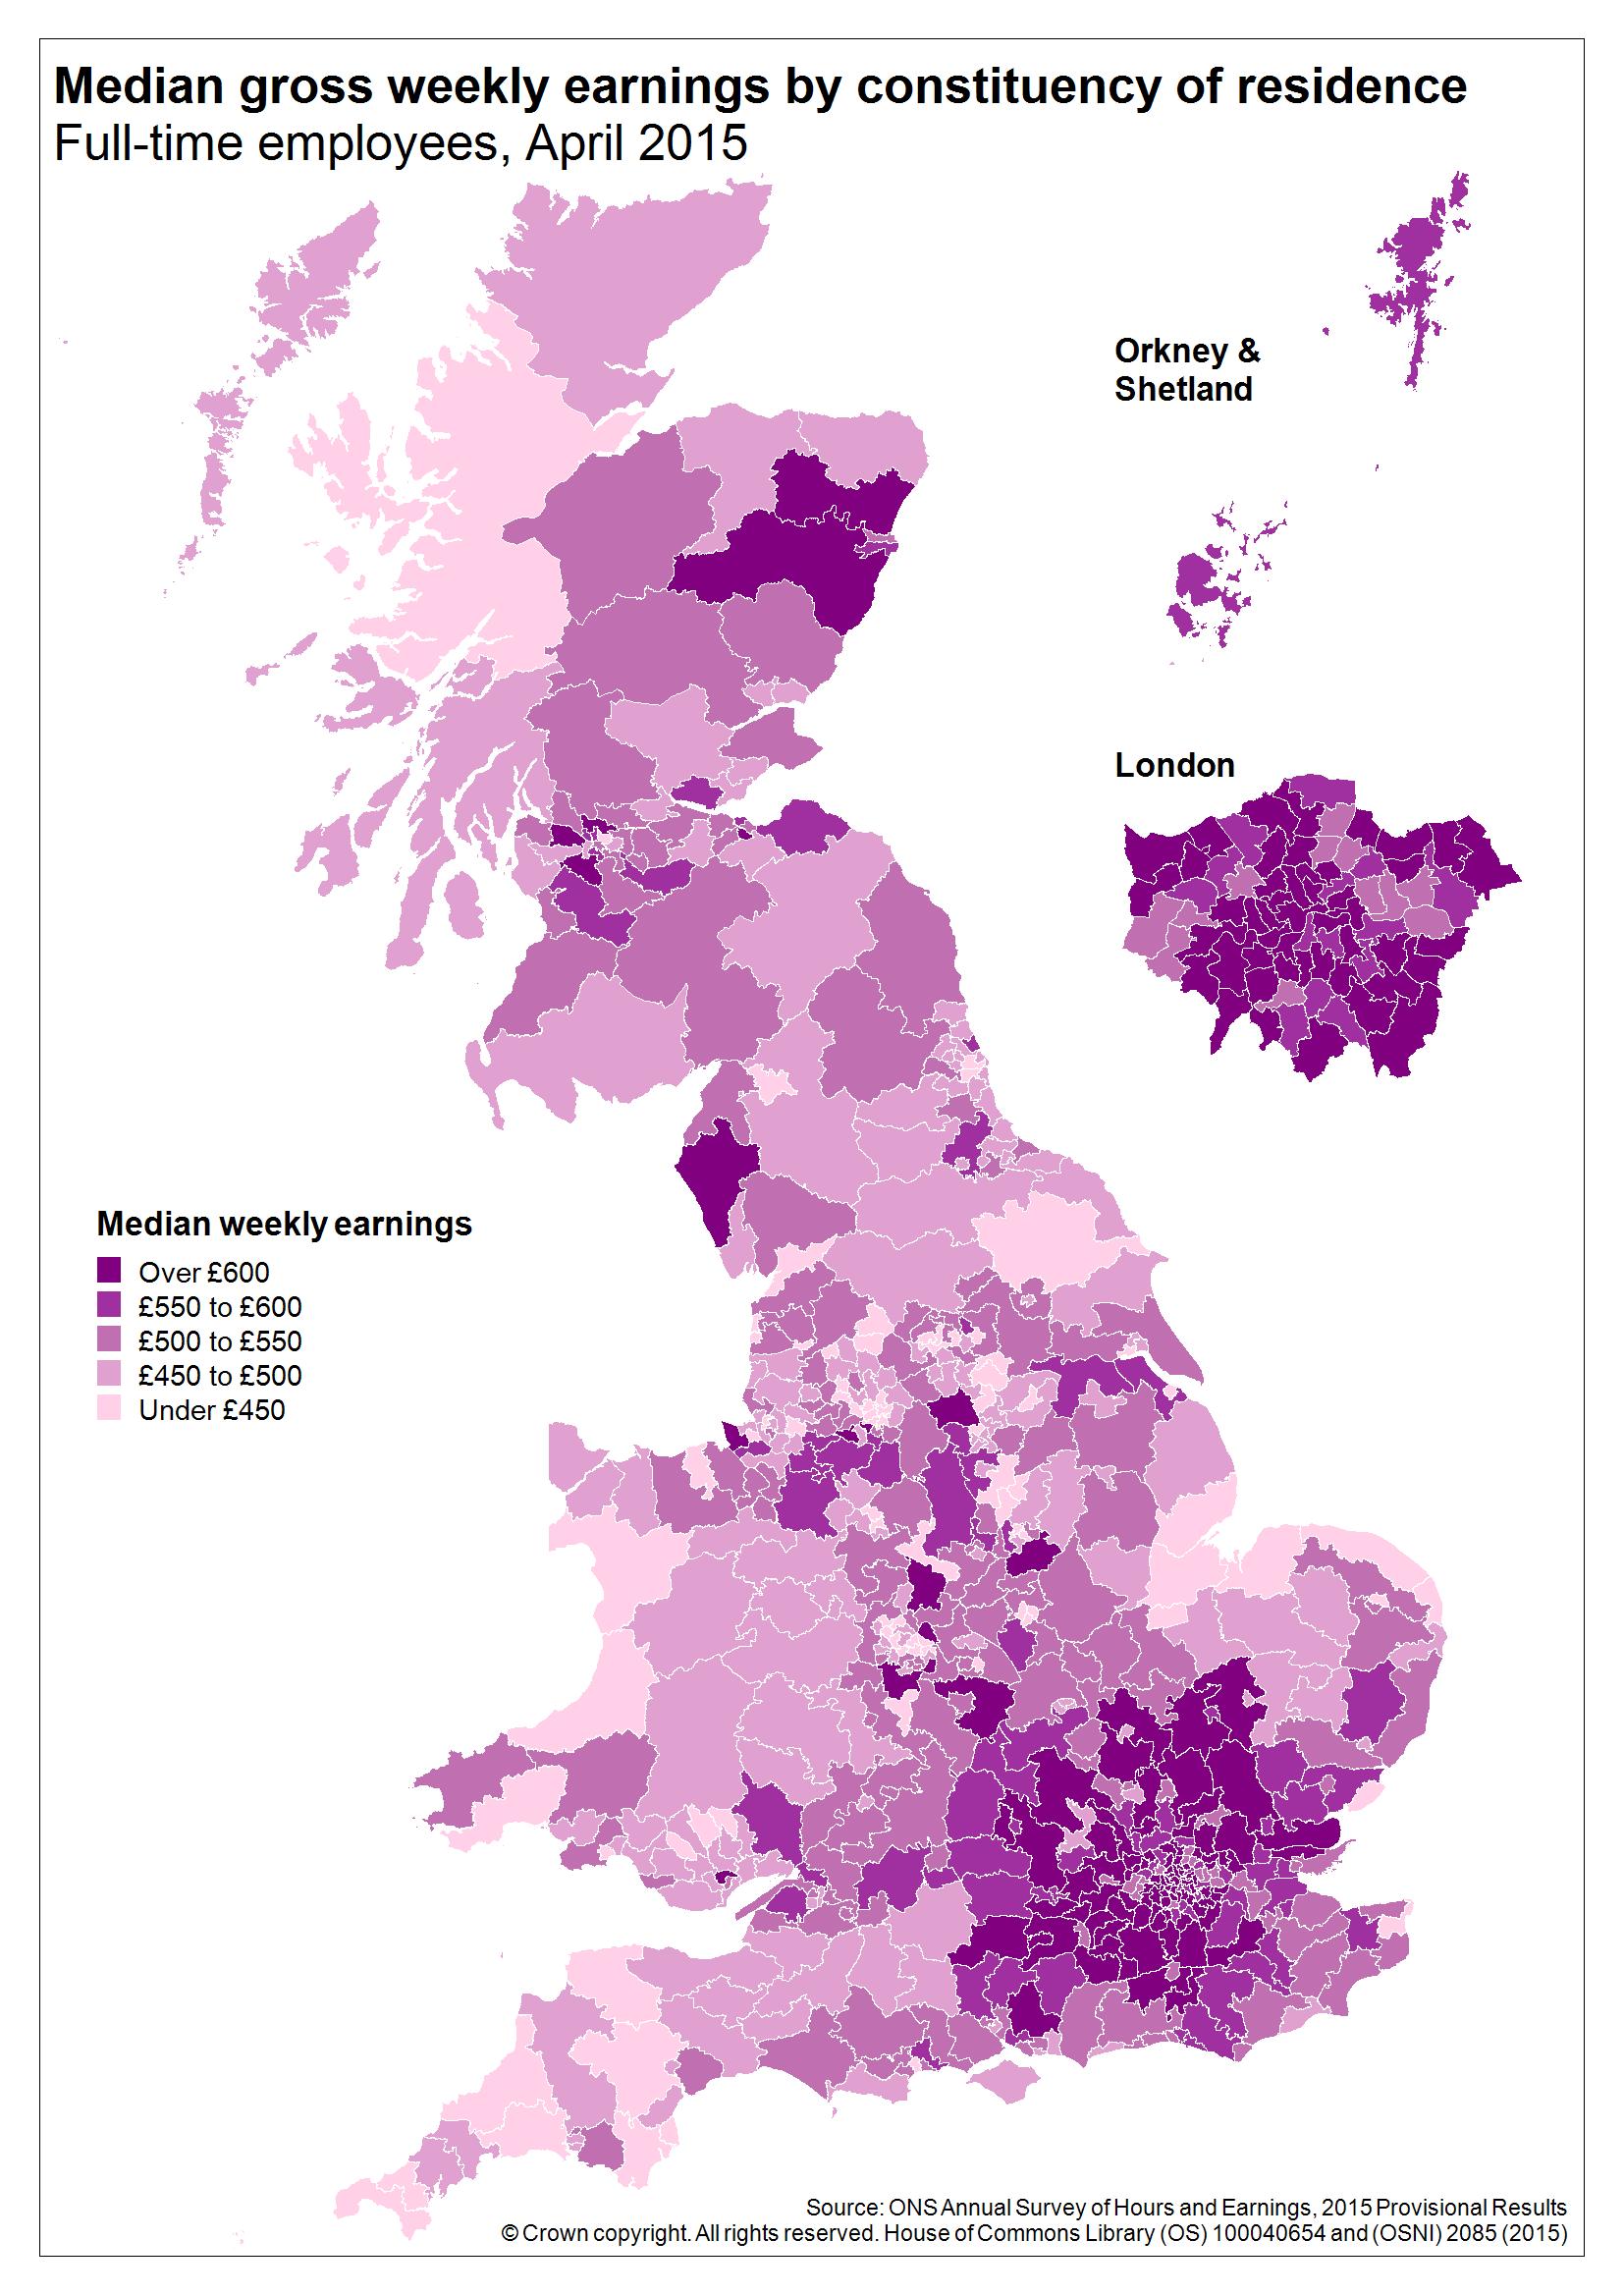 151118 map